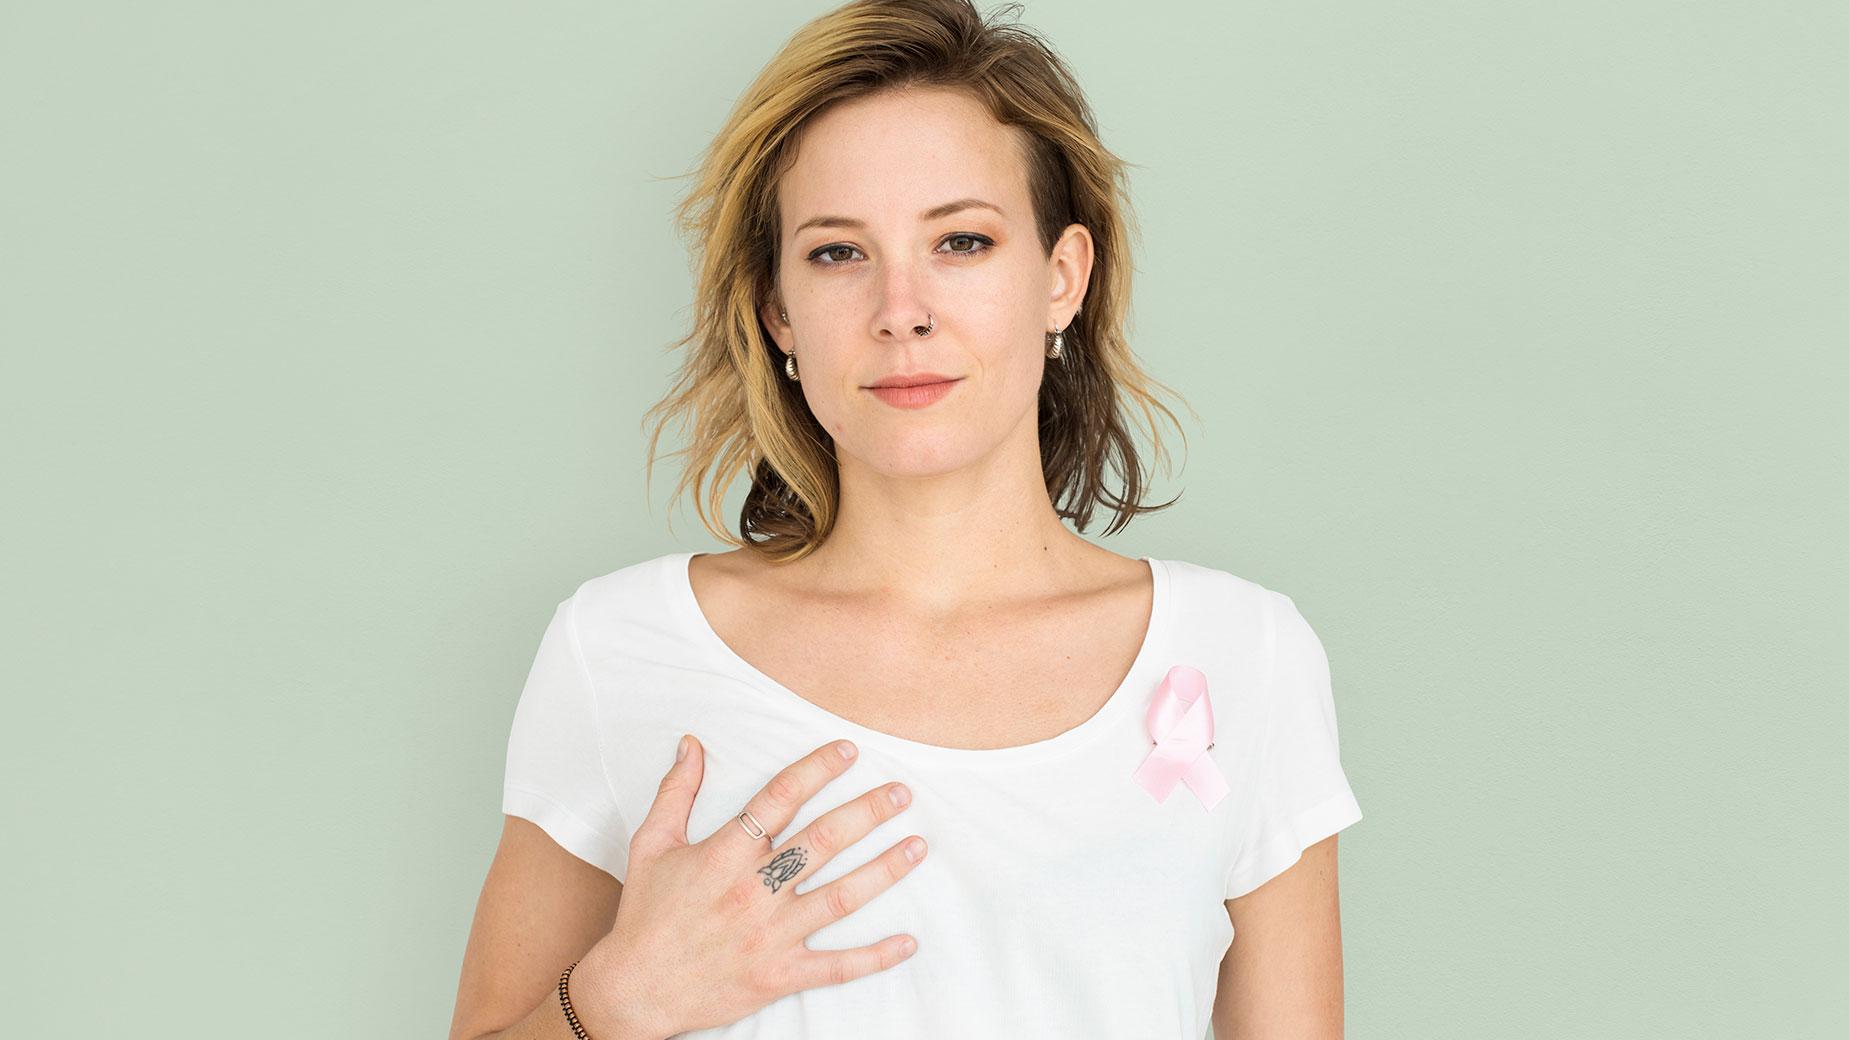 κοπέλα που συμμετέχει στην καμπάνια ενημέρωσης για τον καρκίνο του μαστού